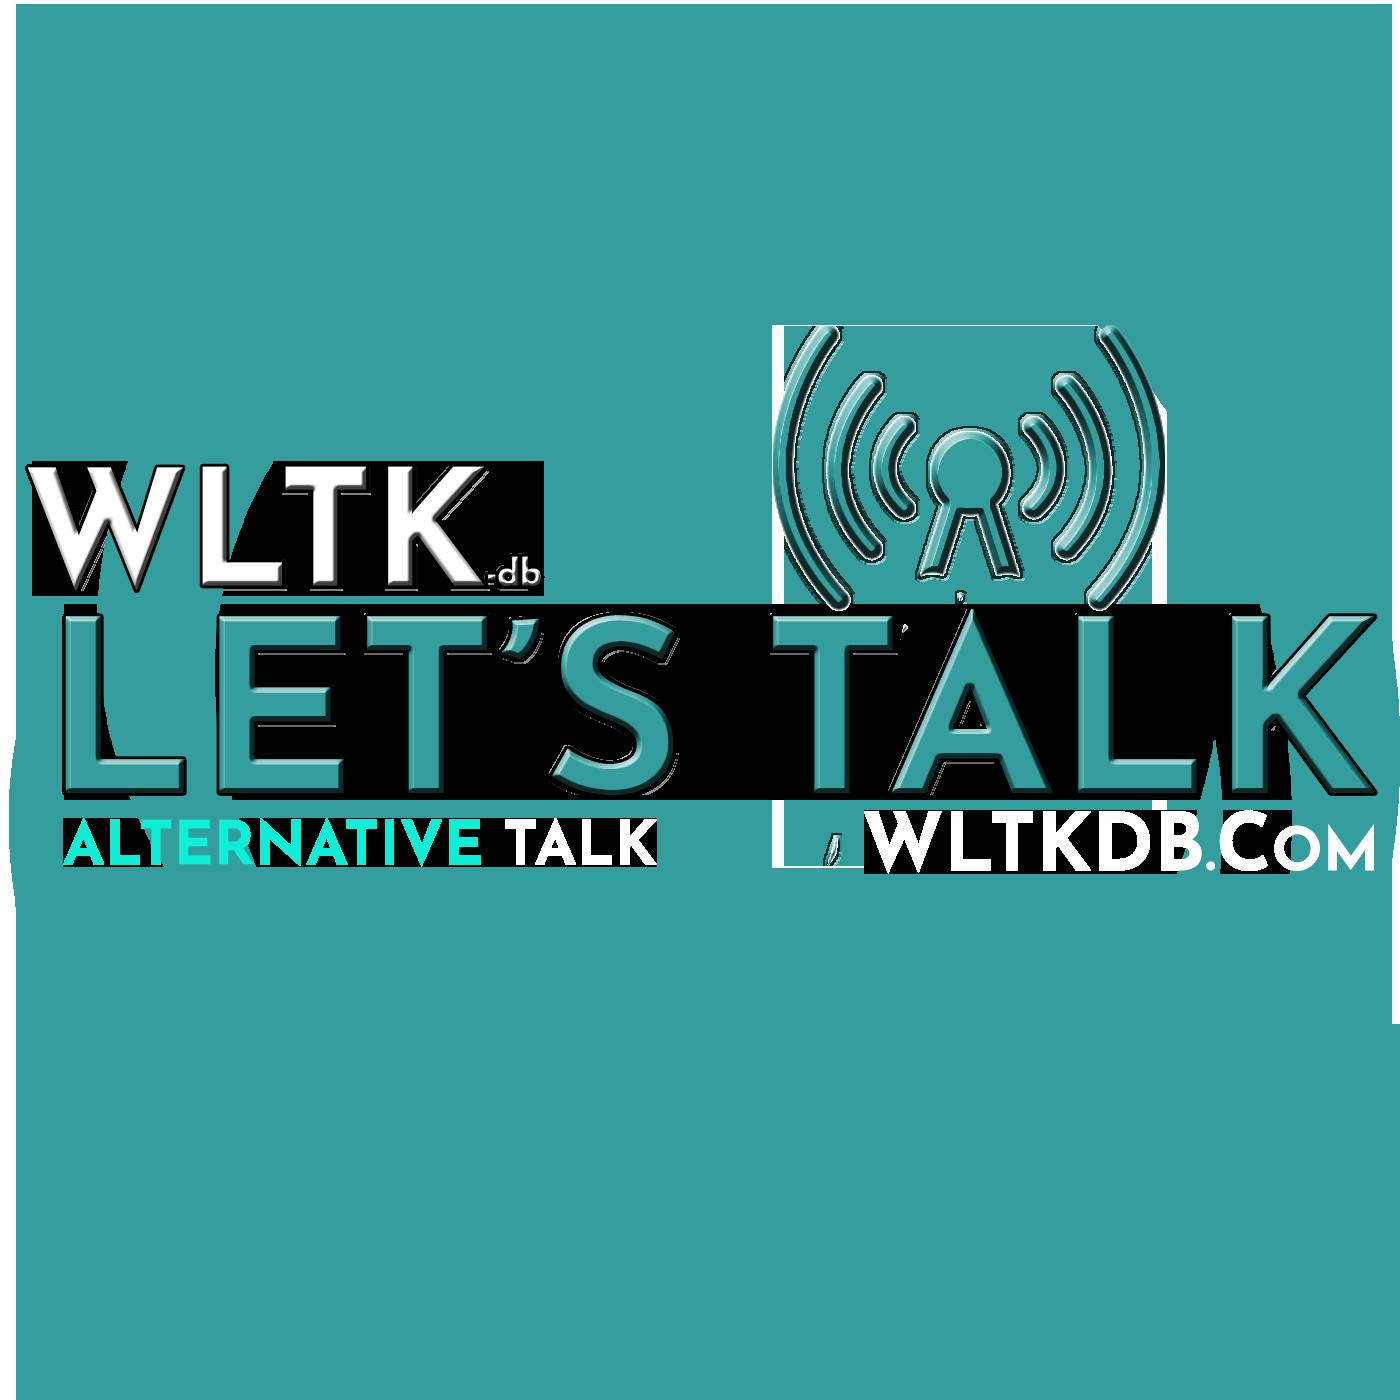 WLTK-db Lets Talk Radio